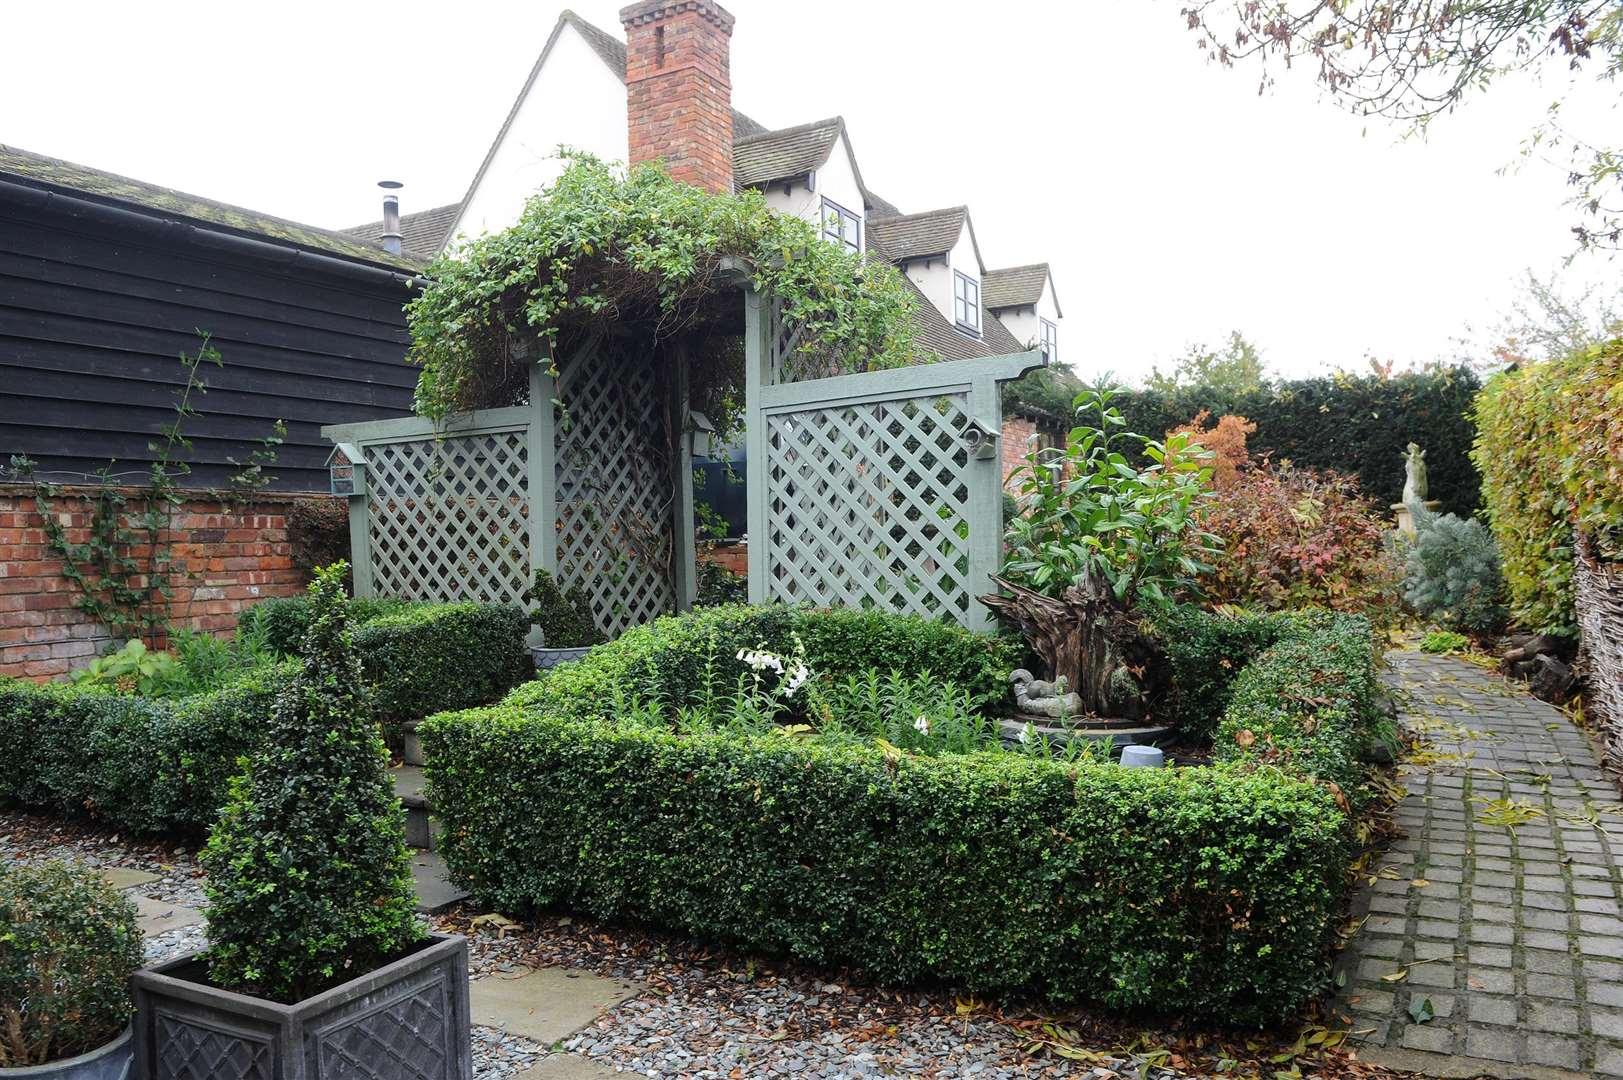 FEATURE: Mount Bures gardener's delight after national ...